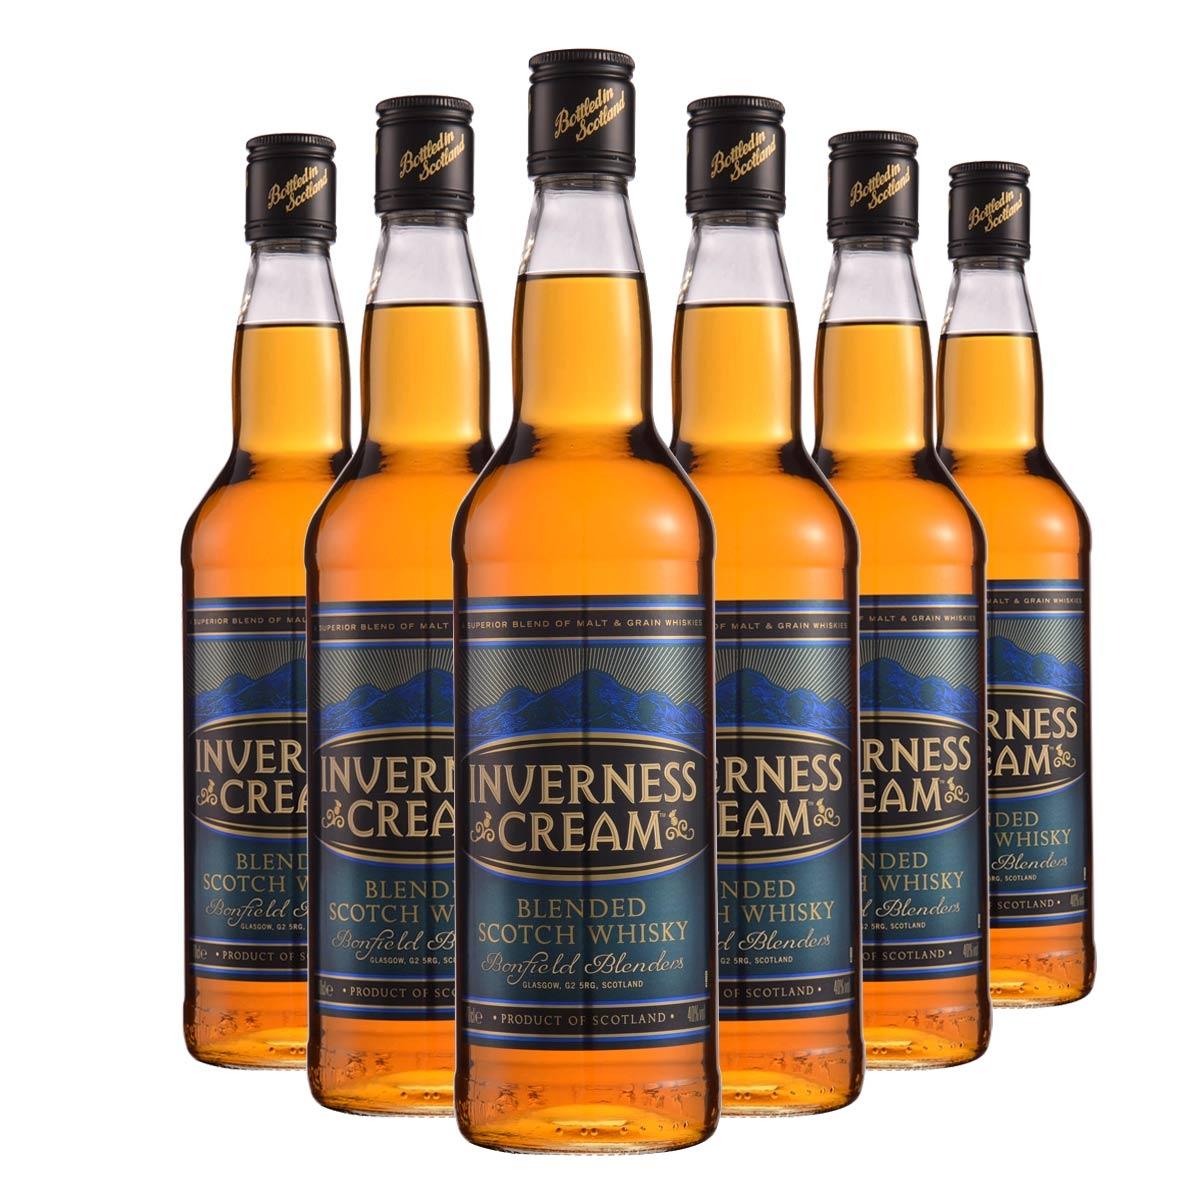 【大牌特卖】英国爱力士苏格兰威士忌700ml(6瓶装)